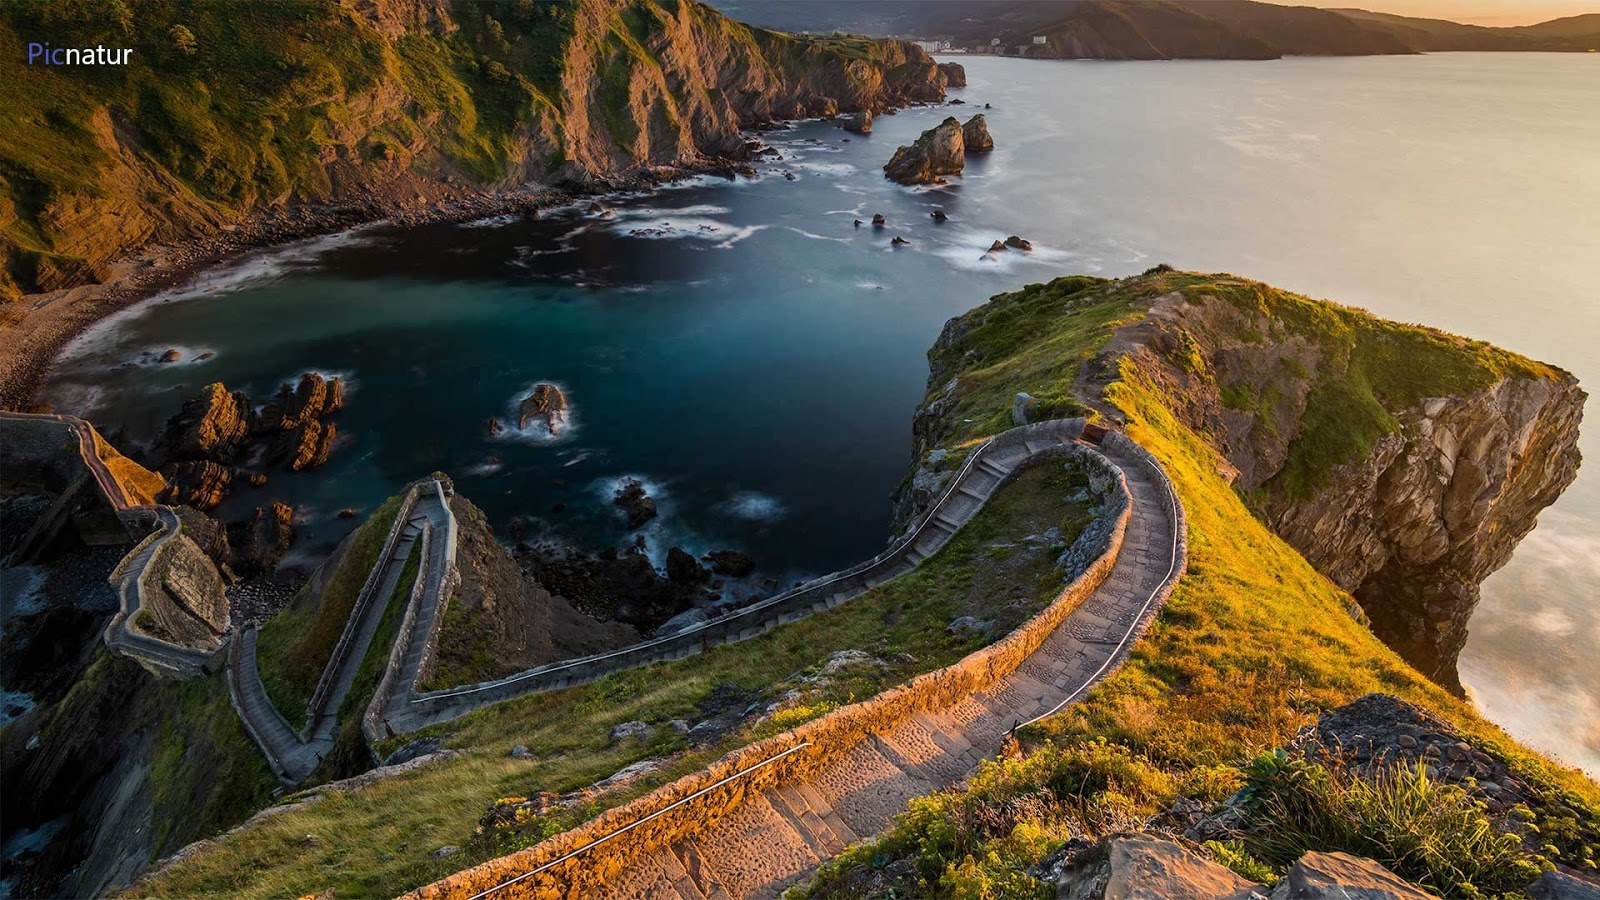 Path to San Juan de Gaztelugatxe, Basque Country, Spain © Anton Petrus/Moment/Getty Images